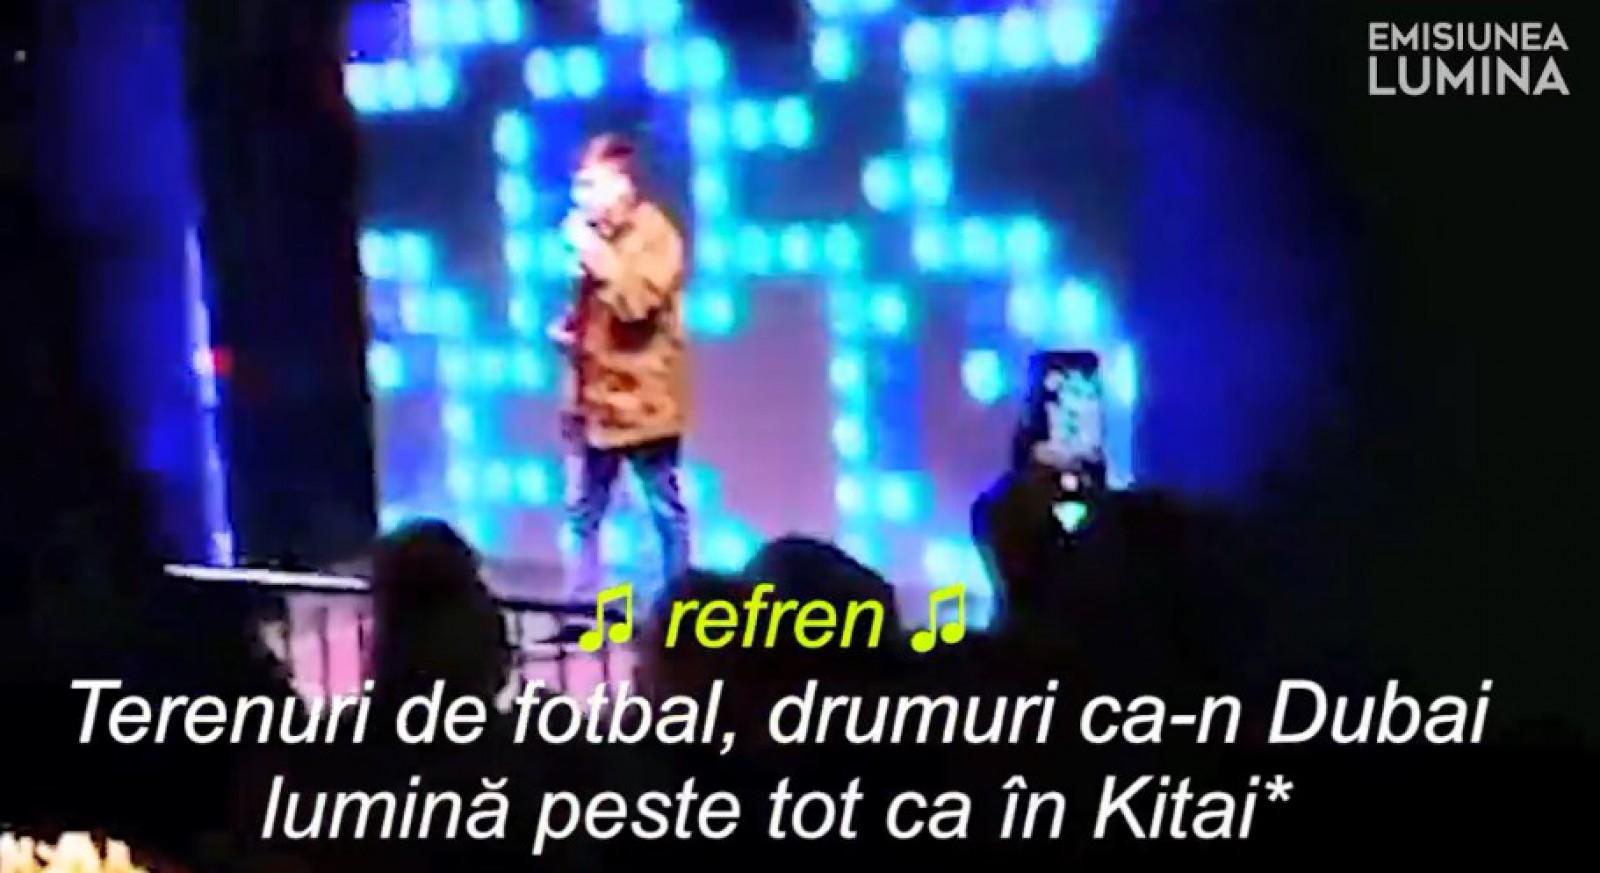 """(video) Dedicație specială pentru Ilan Șor, interpretul """"Cerbu"""" a cântat la târgul de crăciun: """"Drumuri ca-n Dubai, lumină peste tot ca-n Kitai"""""""